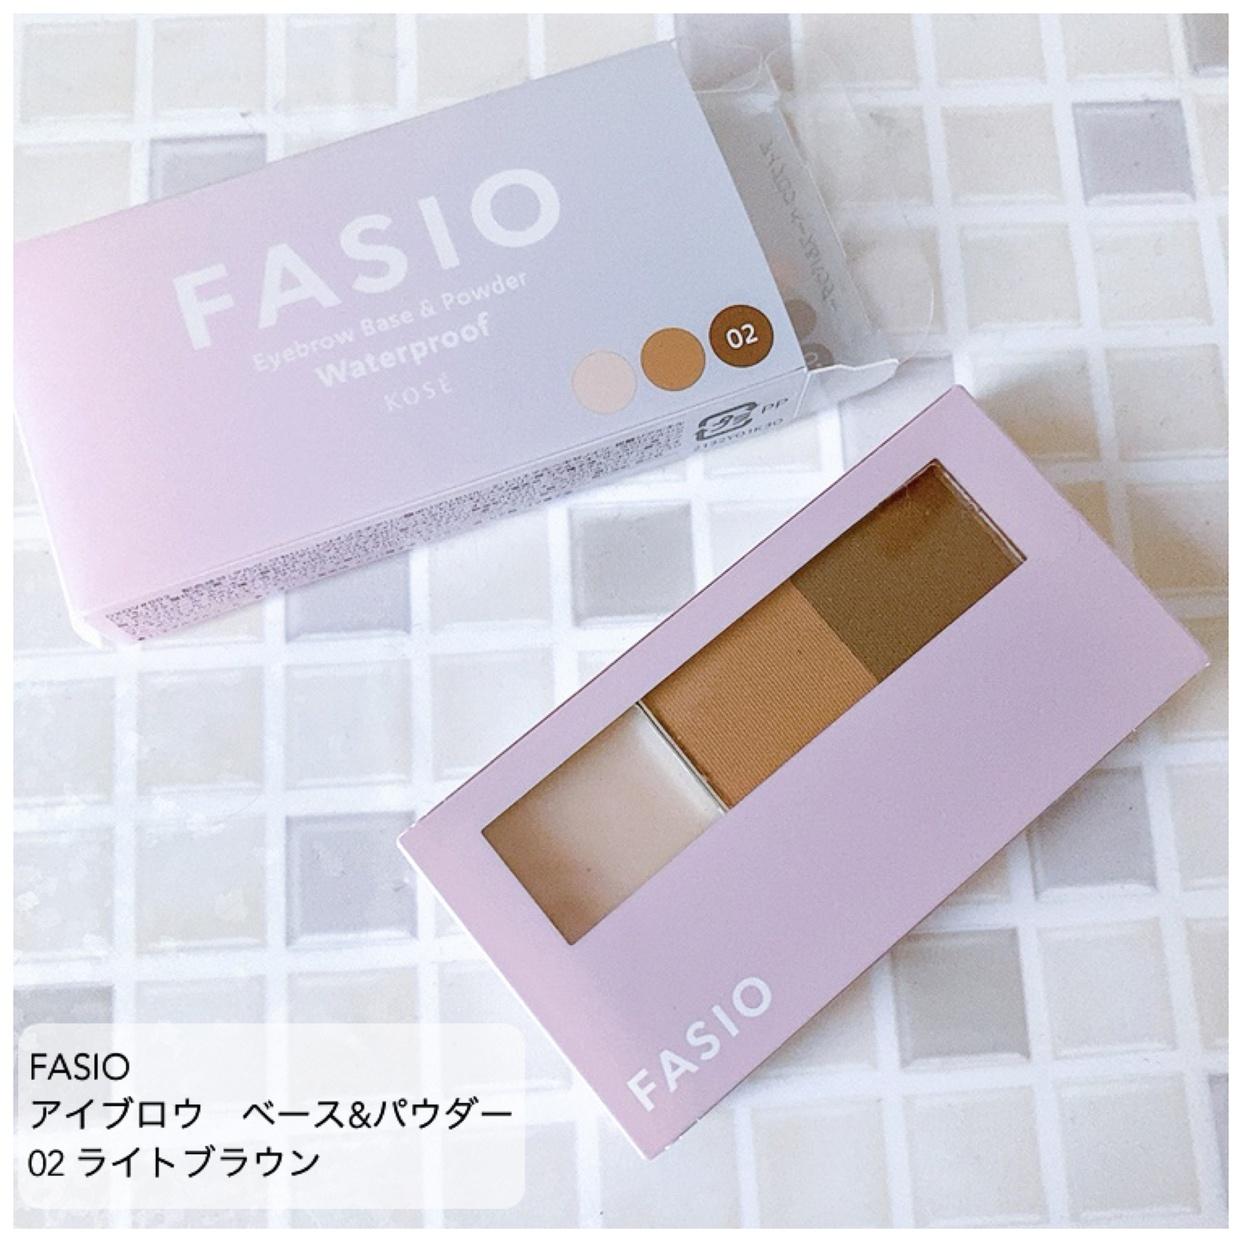 Fasio(ファシオ) アイブロウ ベース&パウダーを使ったrinqさんのクチコミ画像1